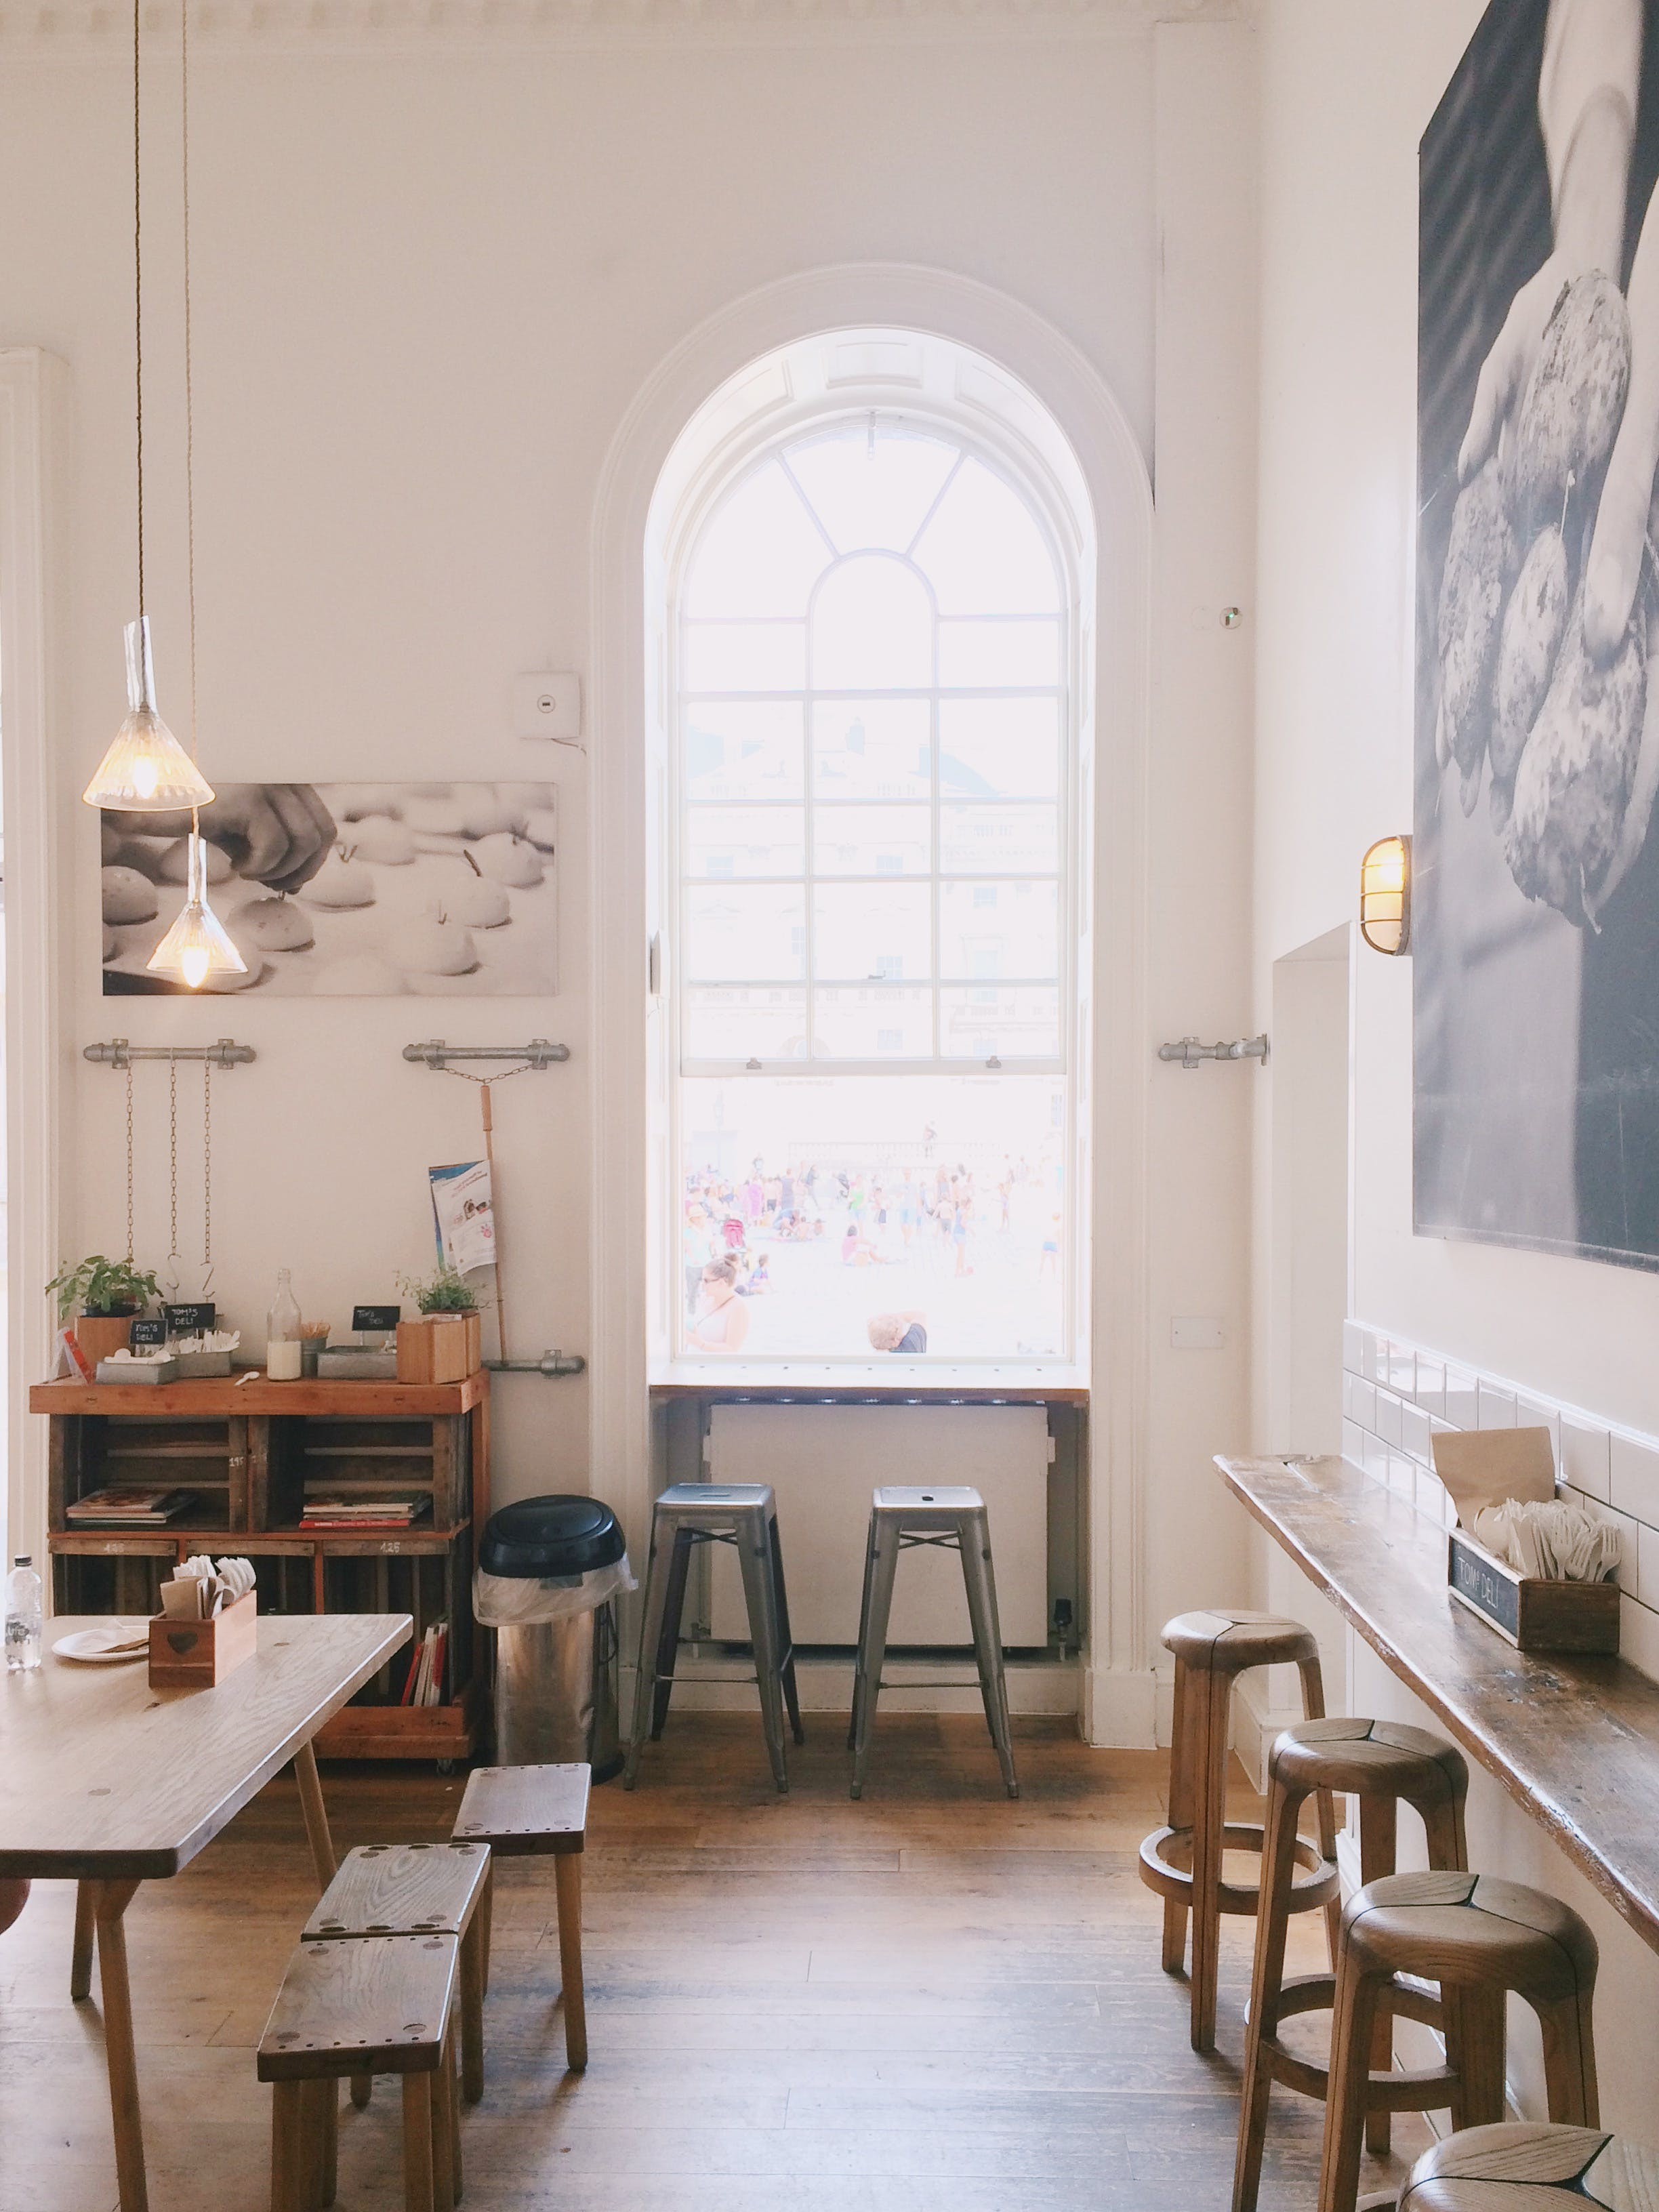 Gratis arkivbilde med familie, gulv, inne, innendørs